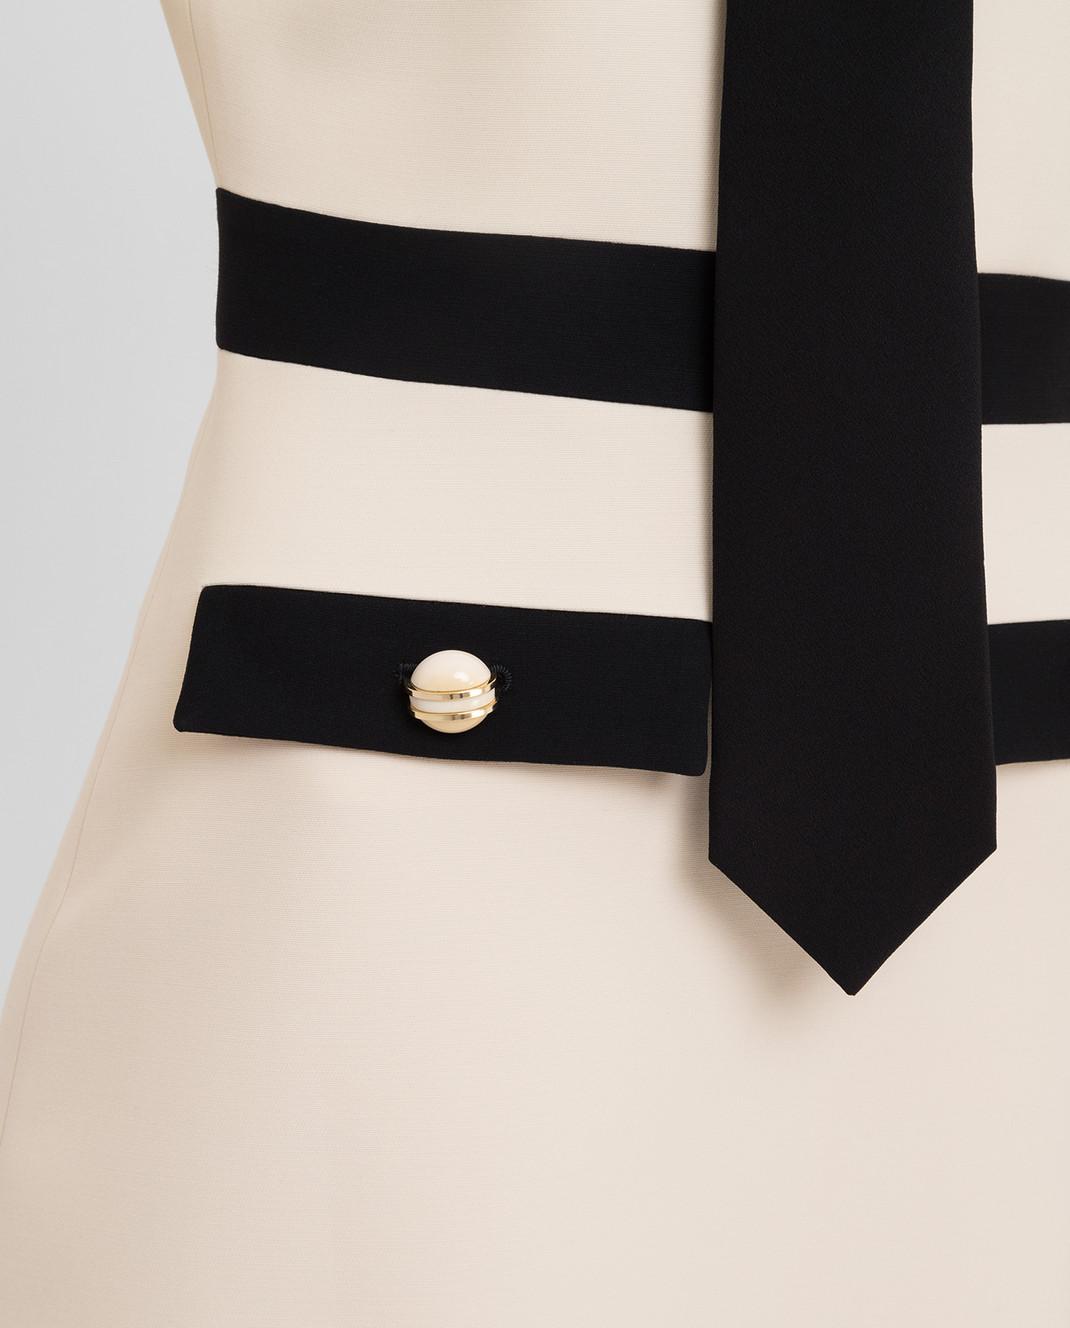 Gucci Светло-бежевое платье 595257 изображение 5